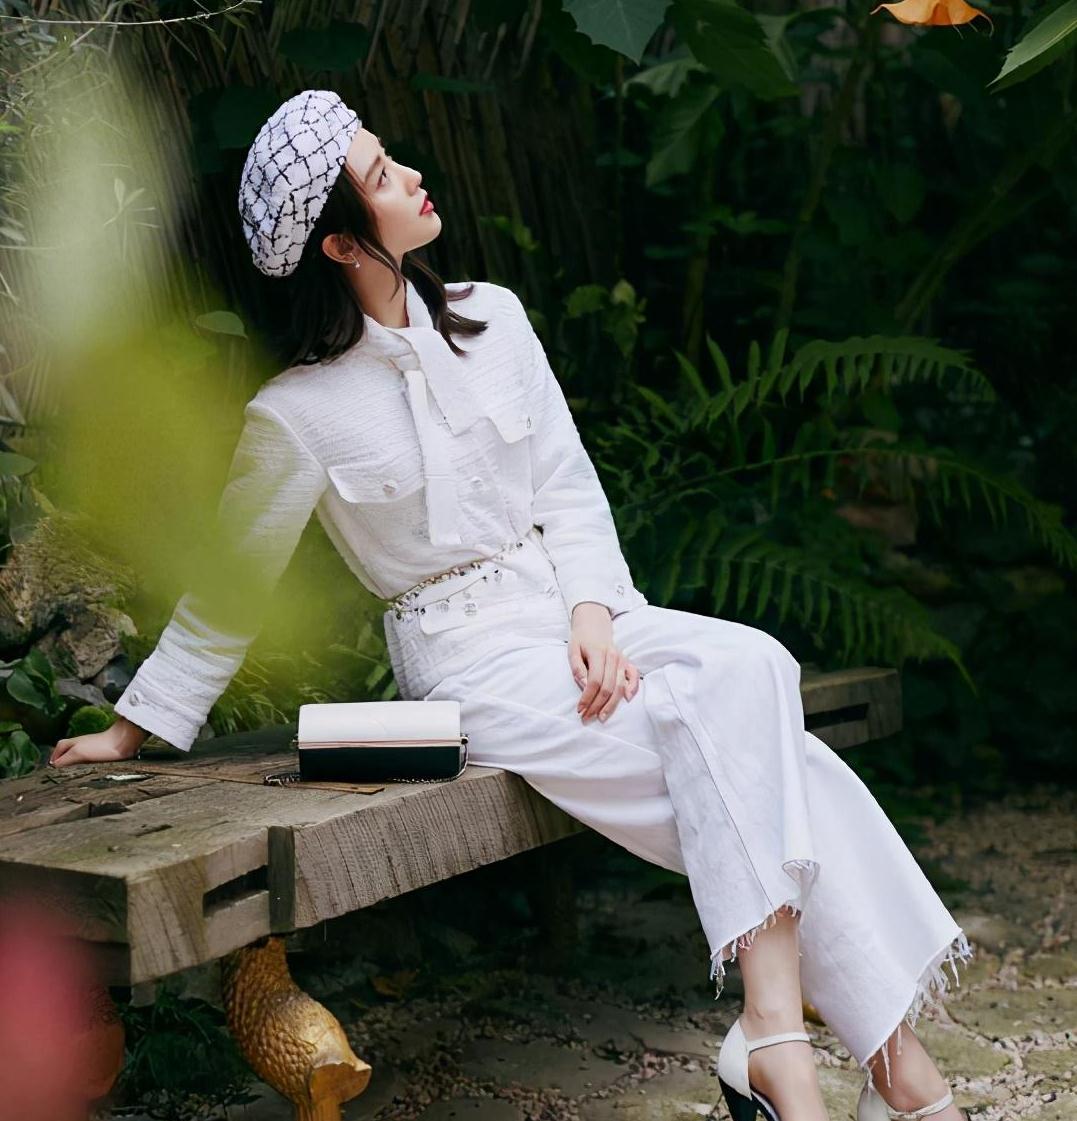 刘诗诗拍时尚大片,穿白色小香风套装超优雅,配贝雷帽复古风十足